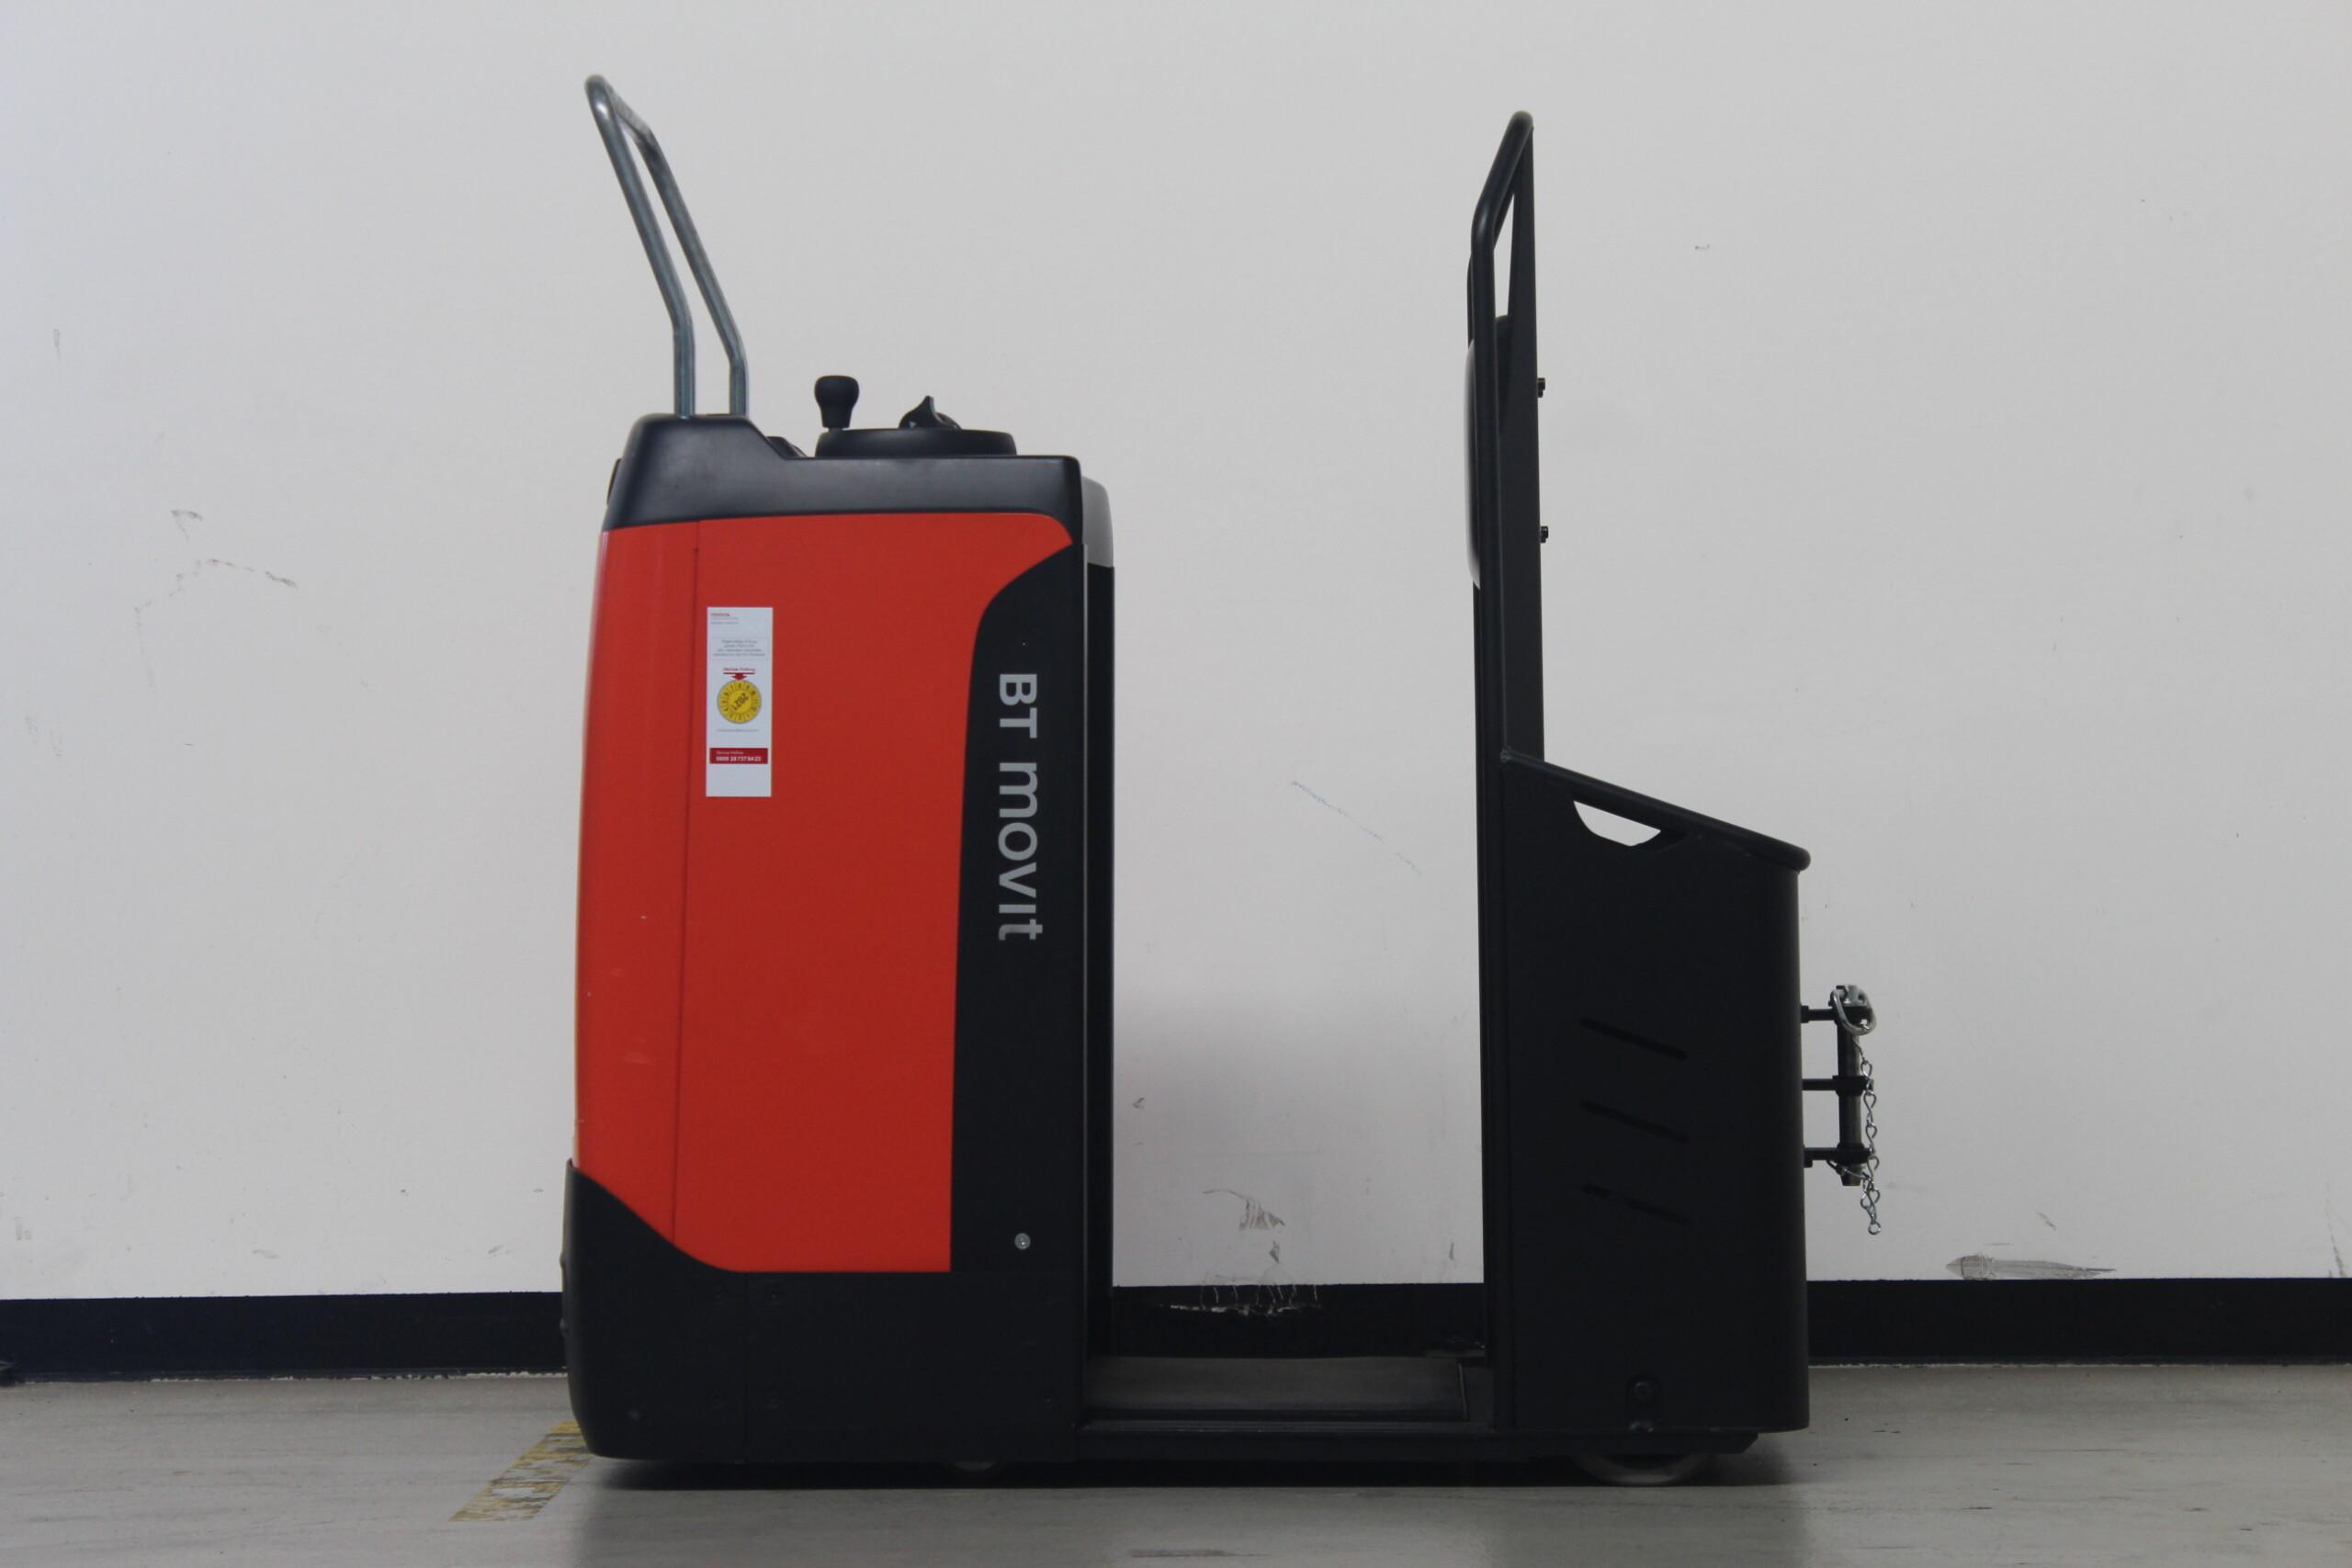 Toyota-Gabelstapler-59840 1509015729 1 63 scaled